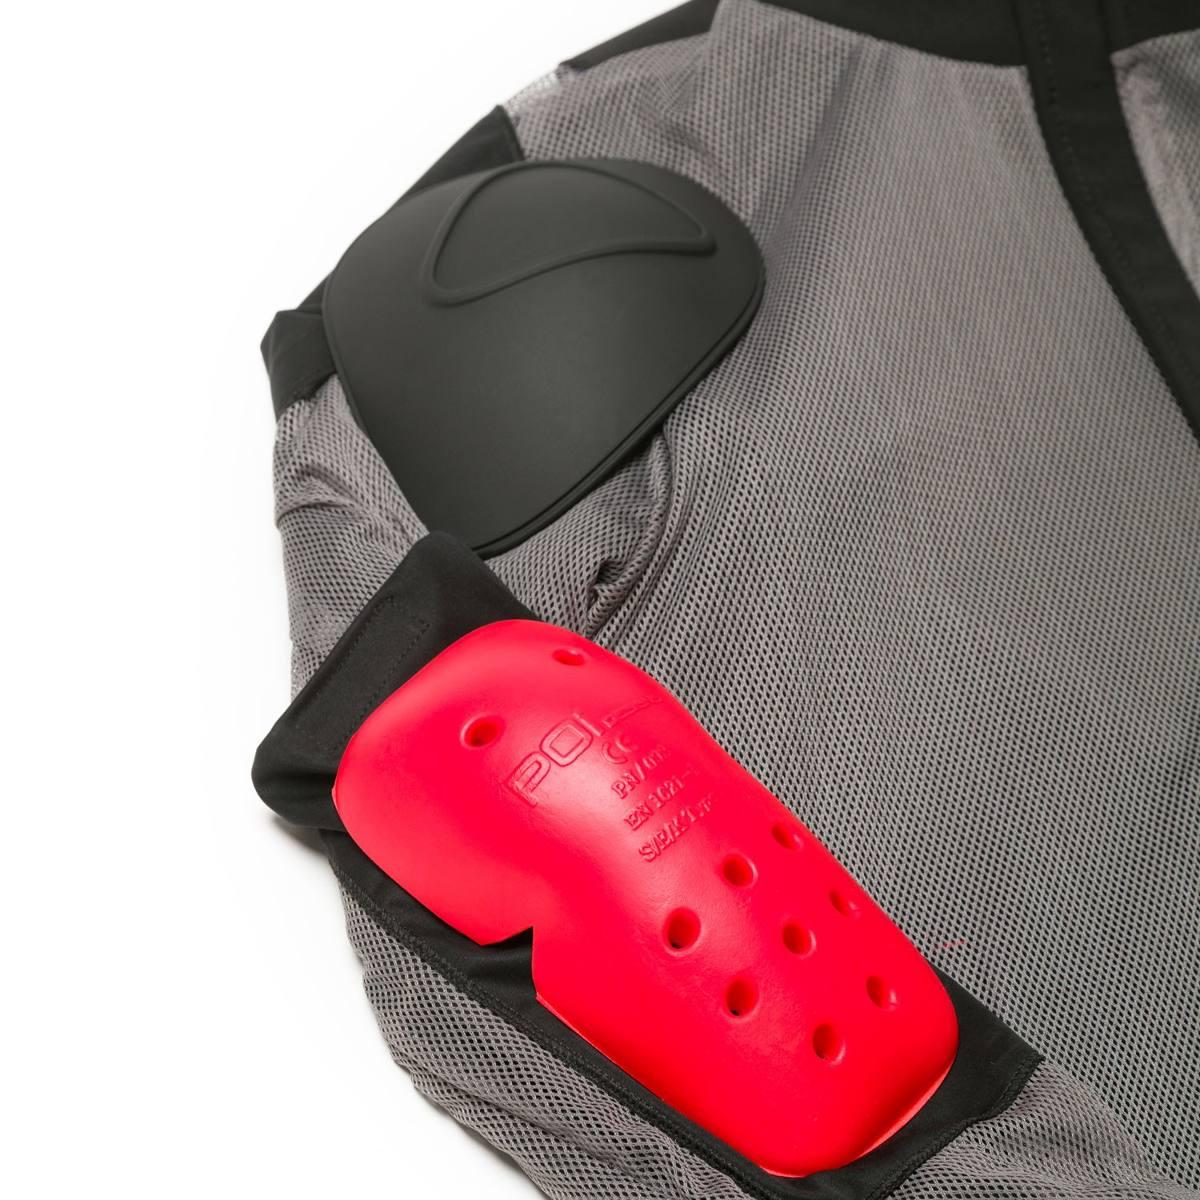 7798181c Campera Moto Ls2 Oficial Commuter Con Protecciones - $ 3.703,00 en ...